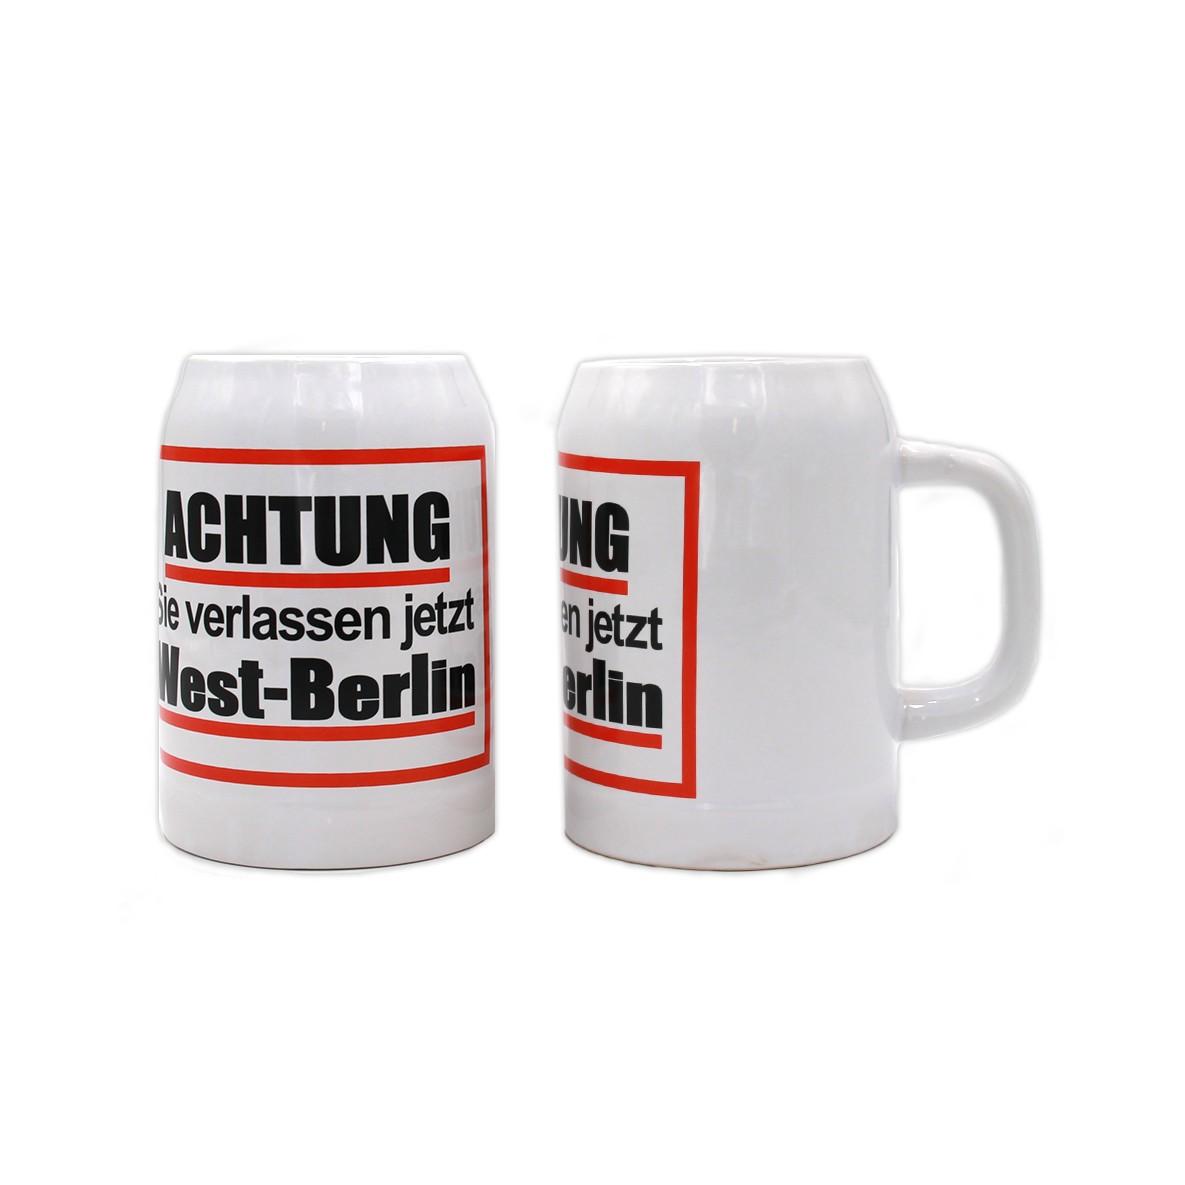 Steinkrug 0,5l Achtung West Berlin